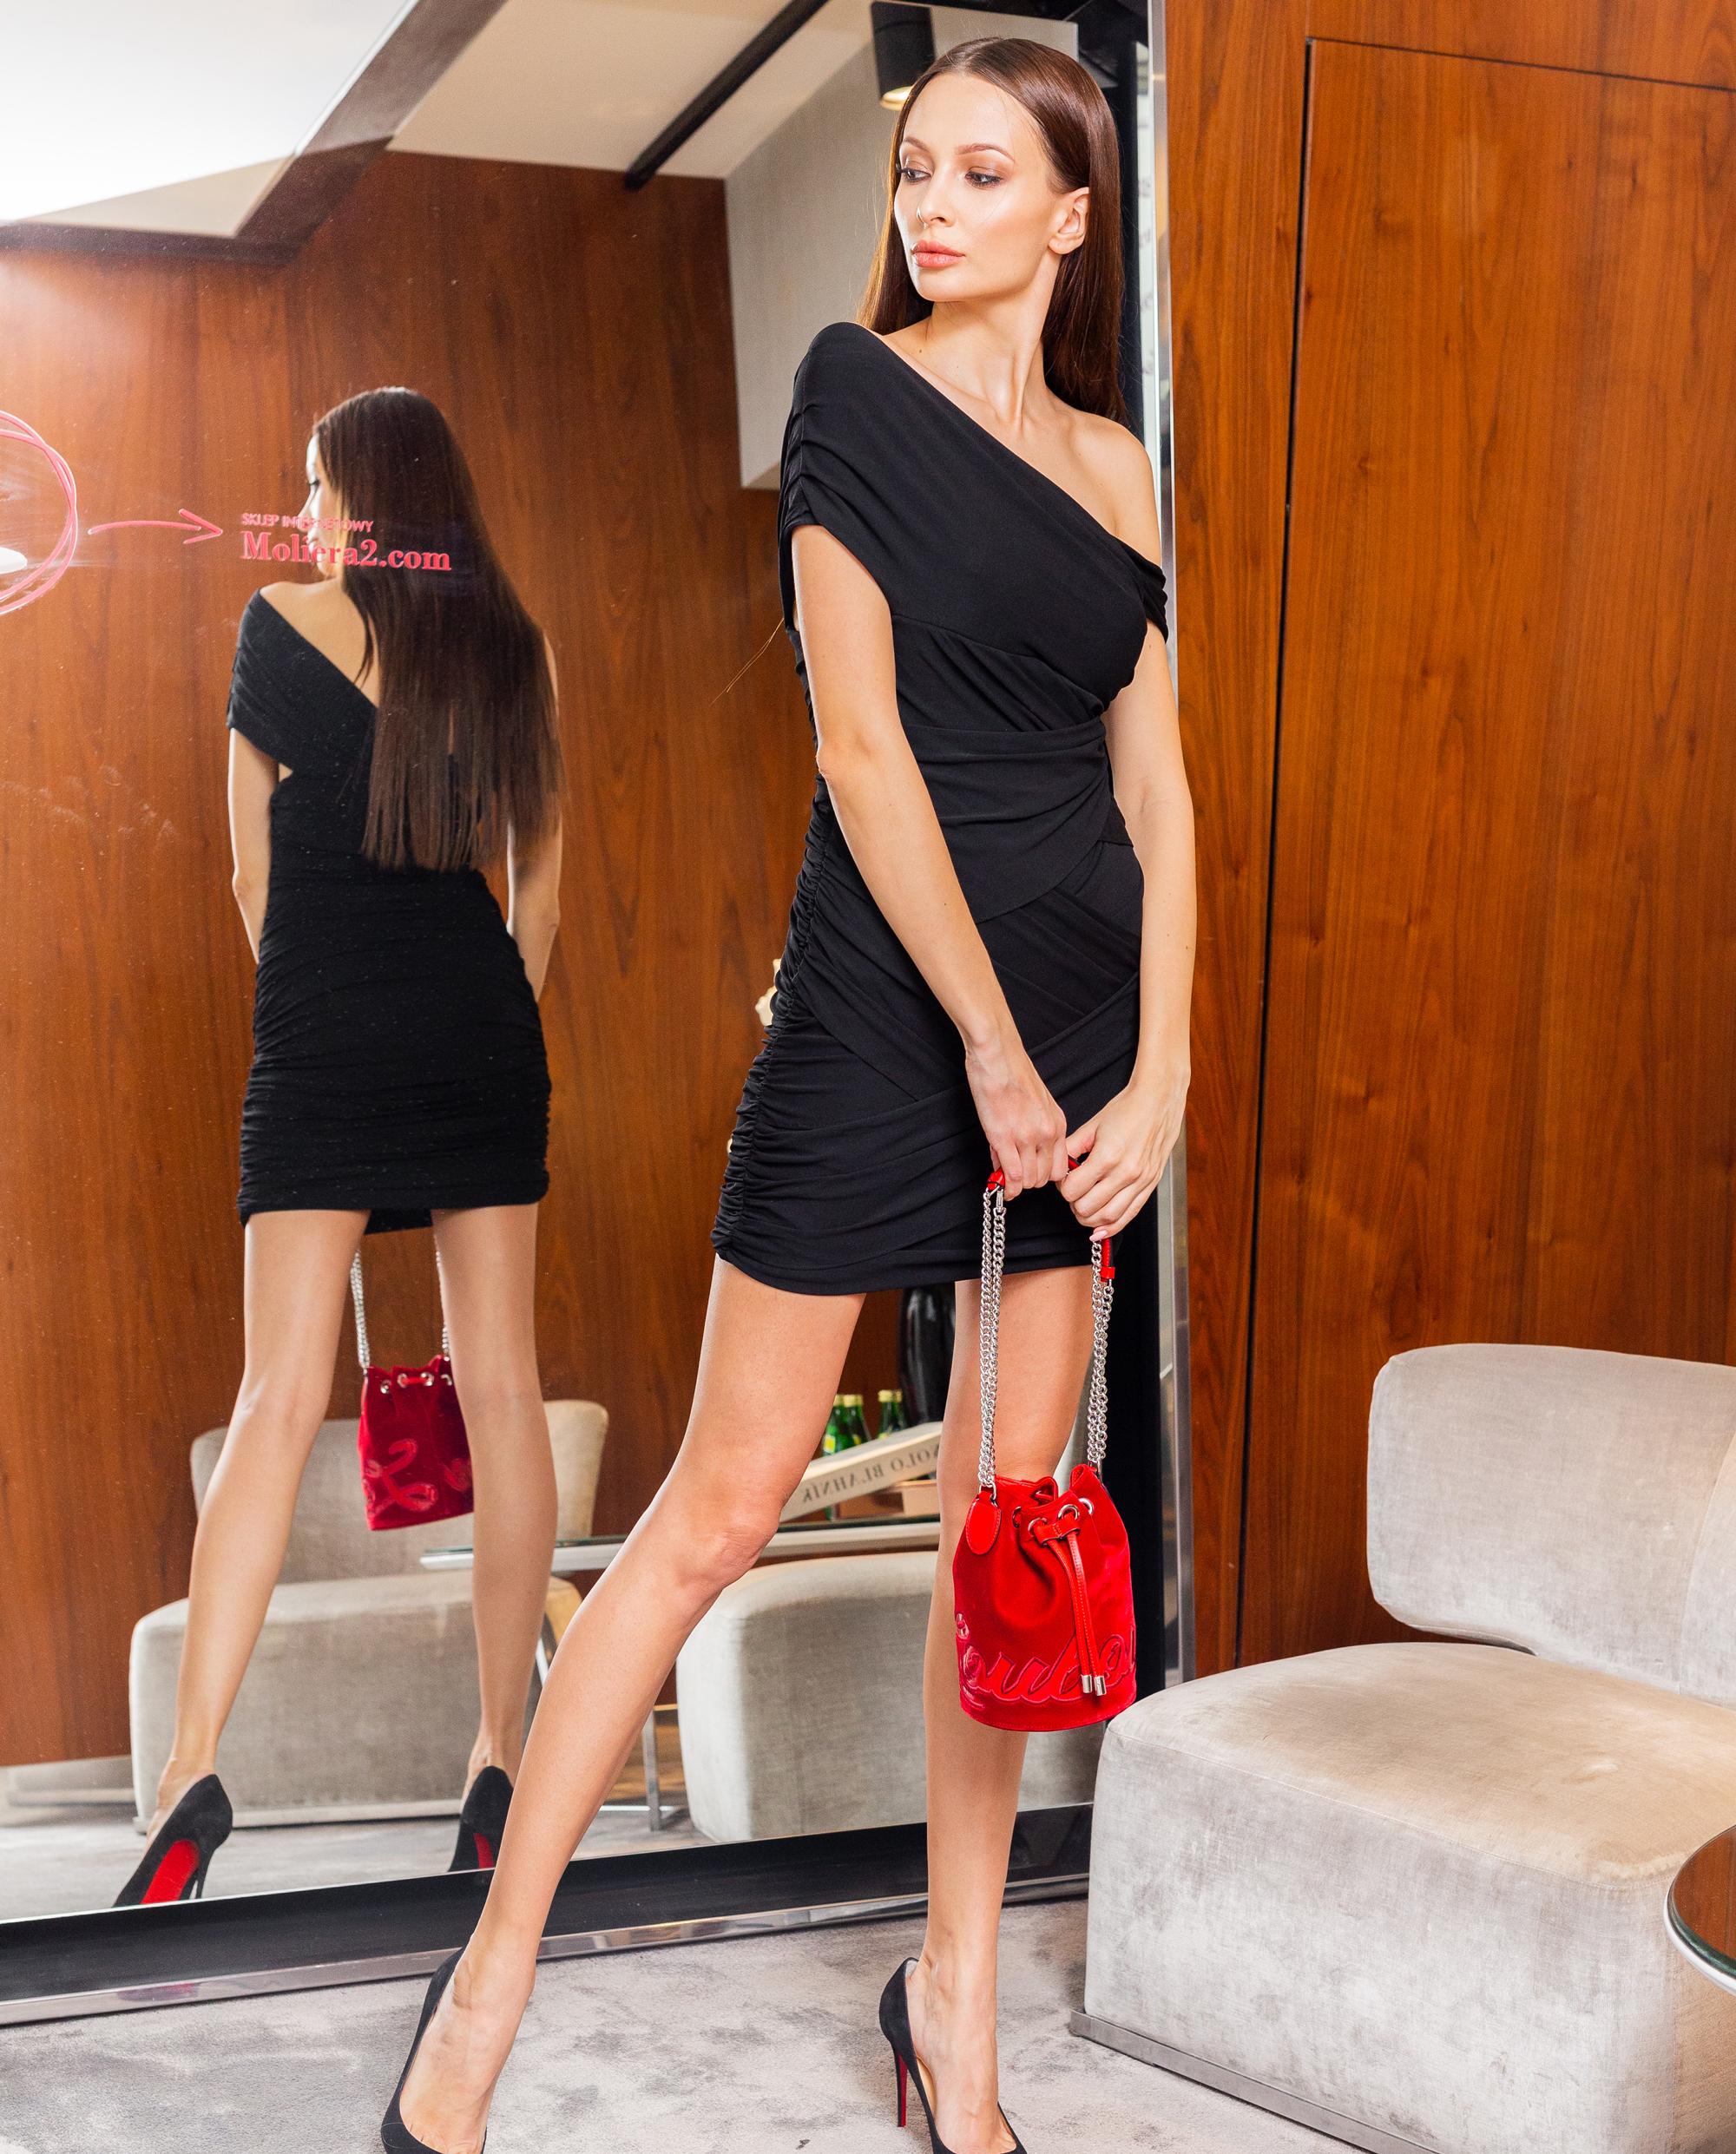 czarna sukienka herve leger mała czarna 46HLT8210608-001